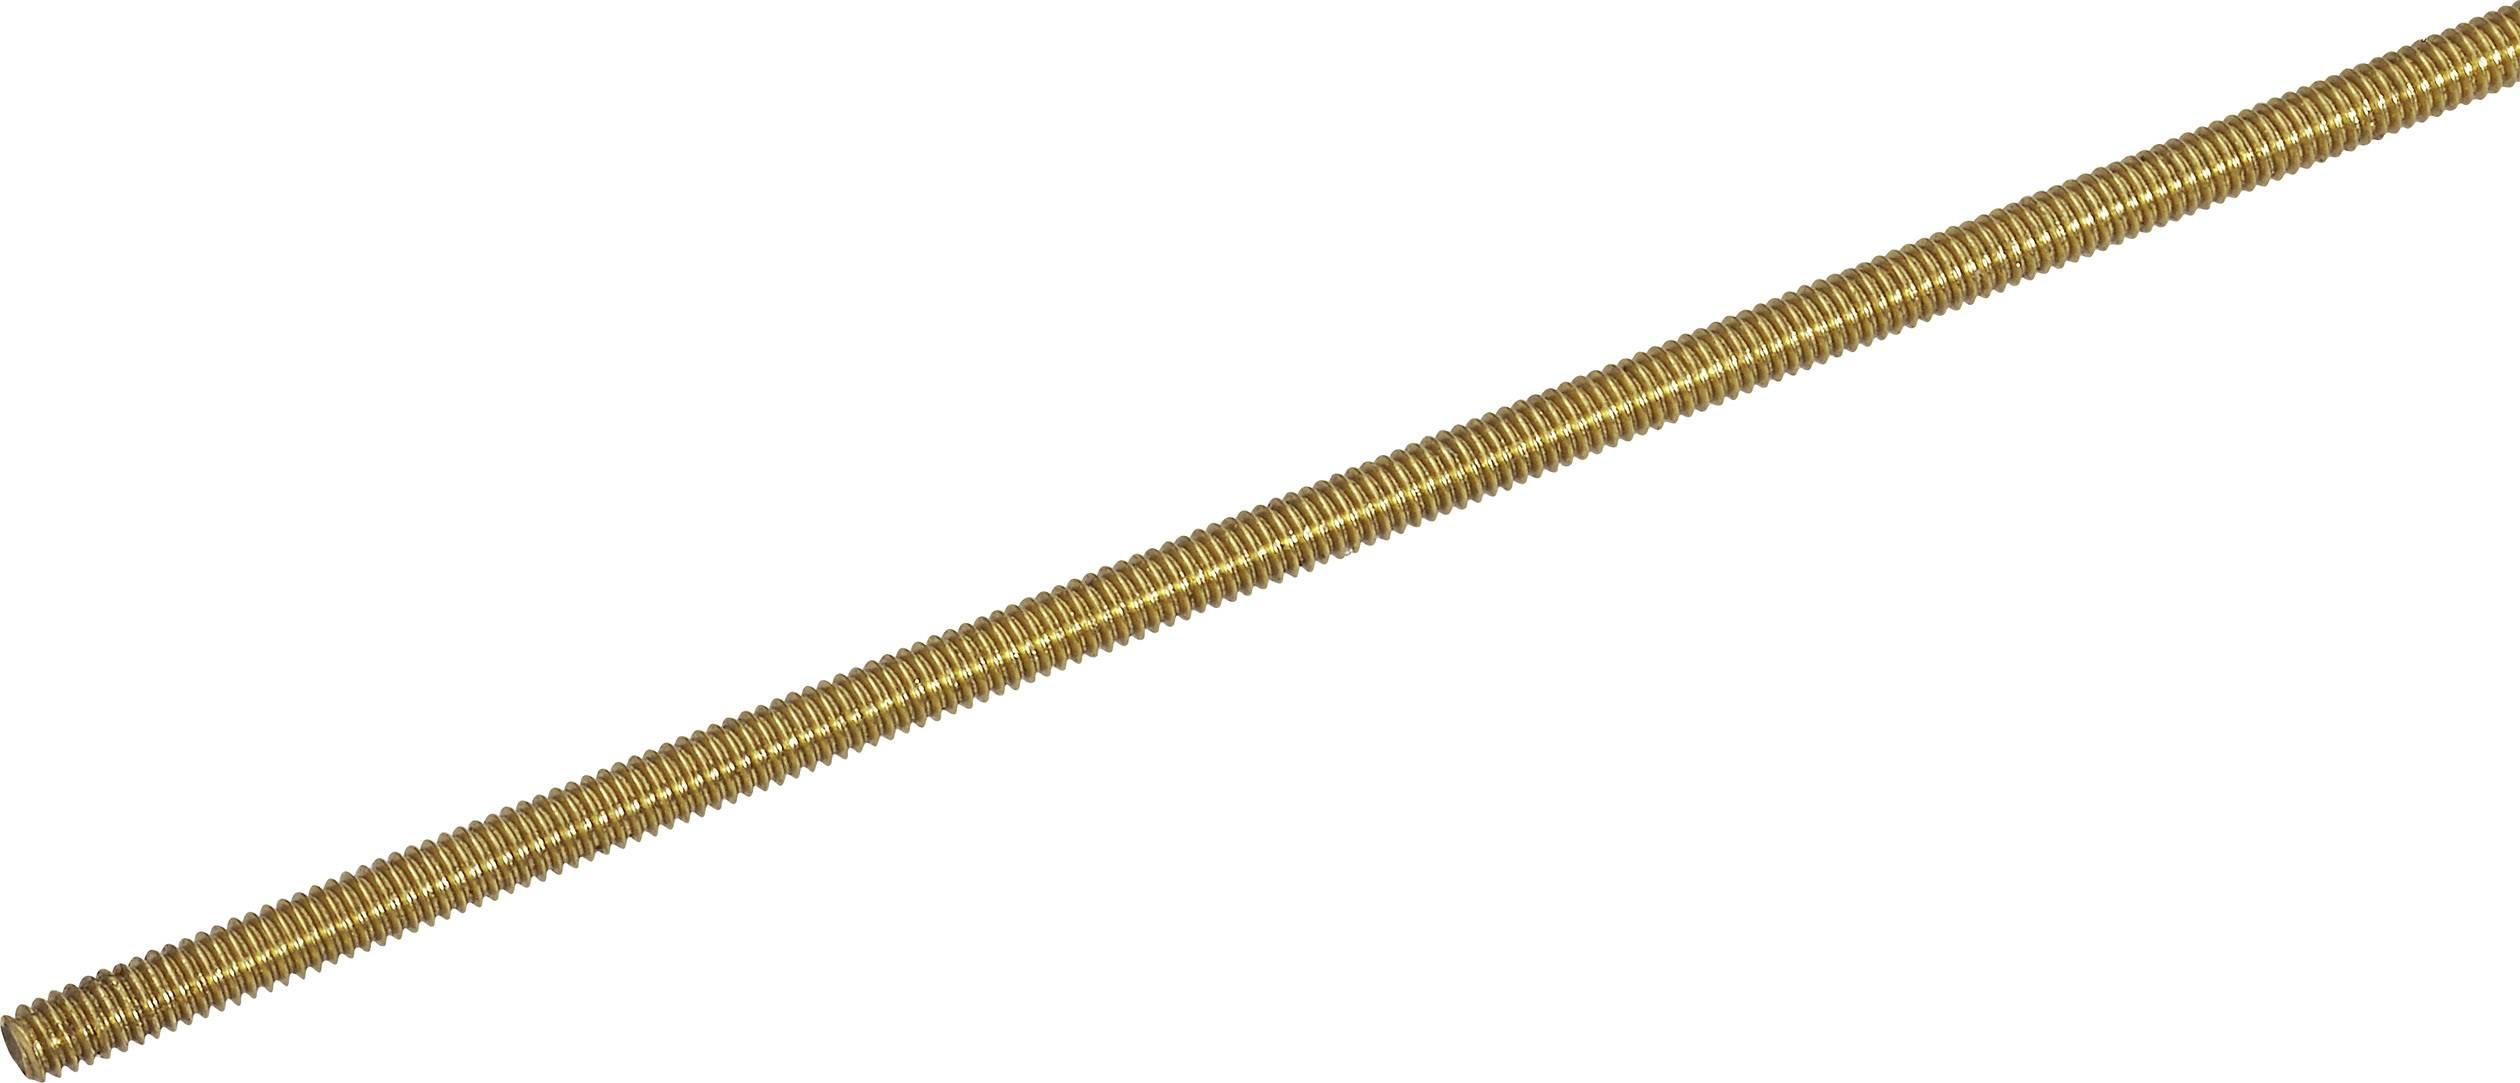 Závitová tyč Reely 297976 N/A, M2, 500 mm, mosaz, 1 ks